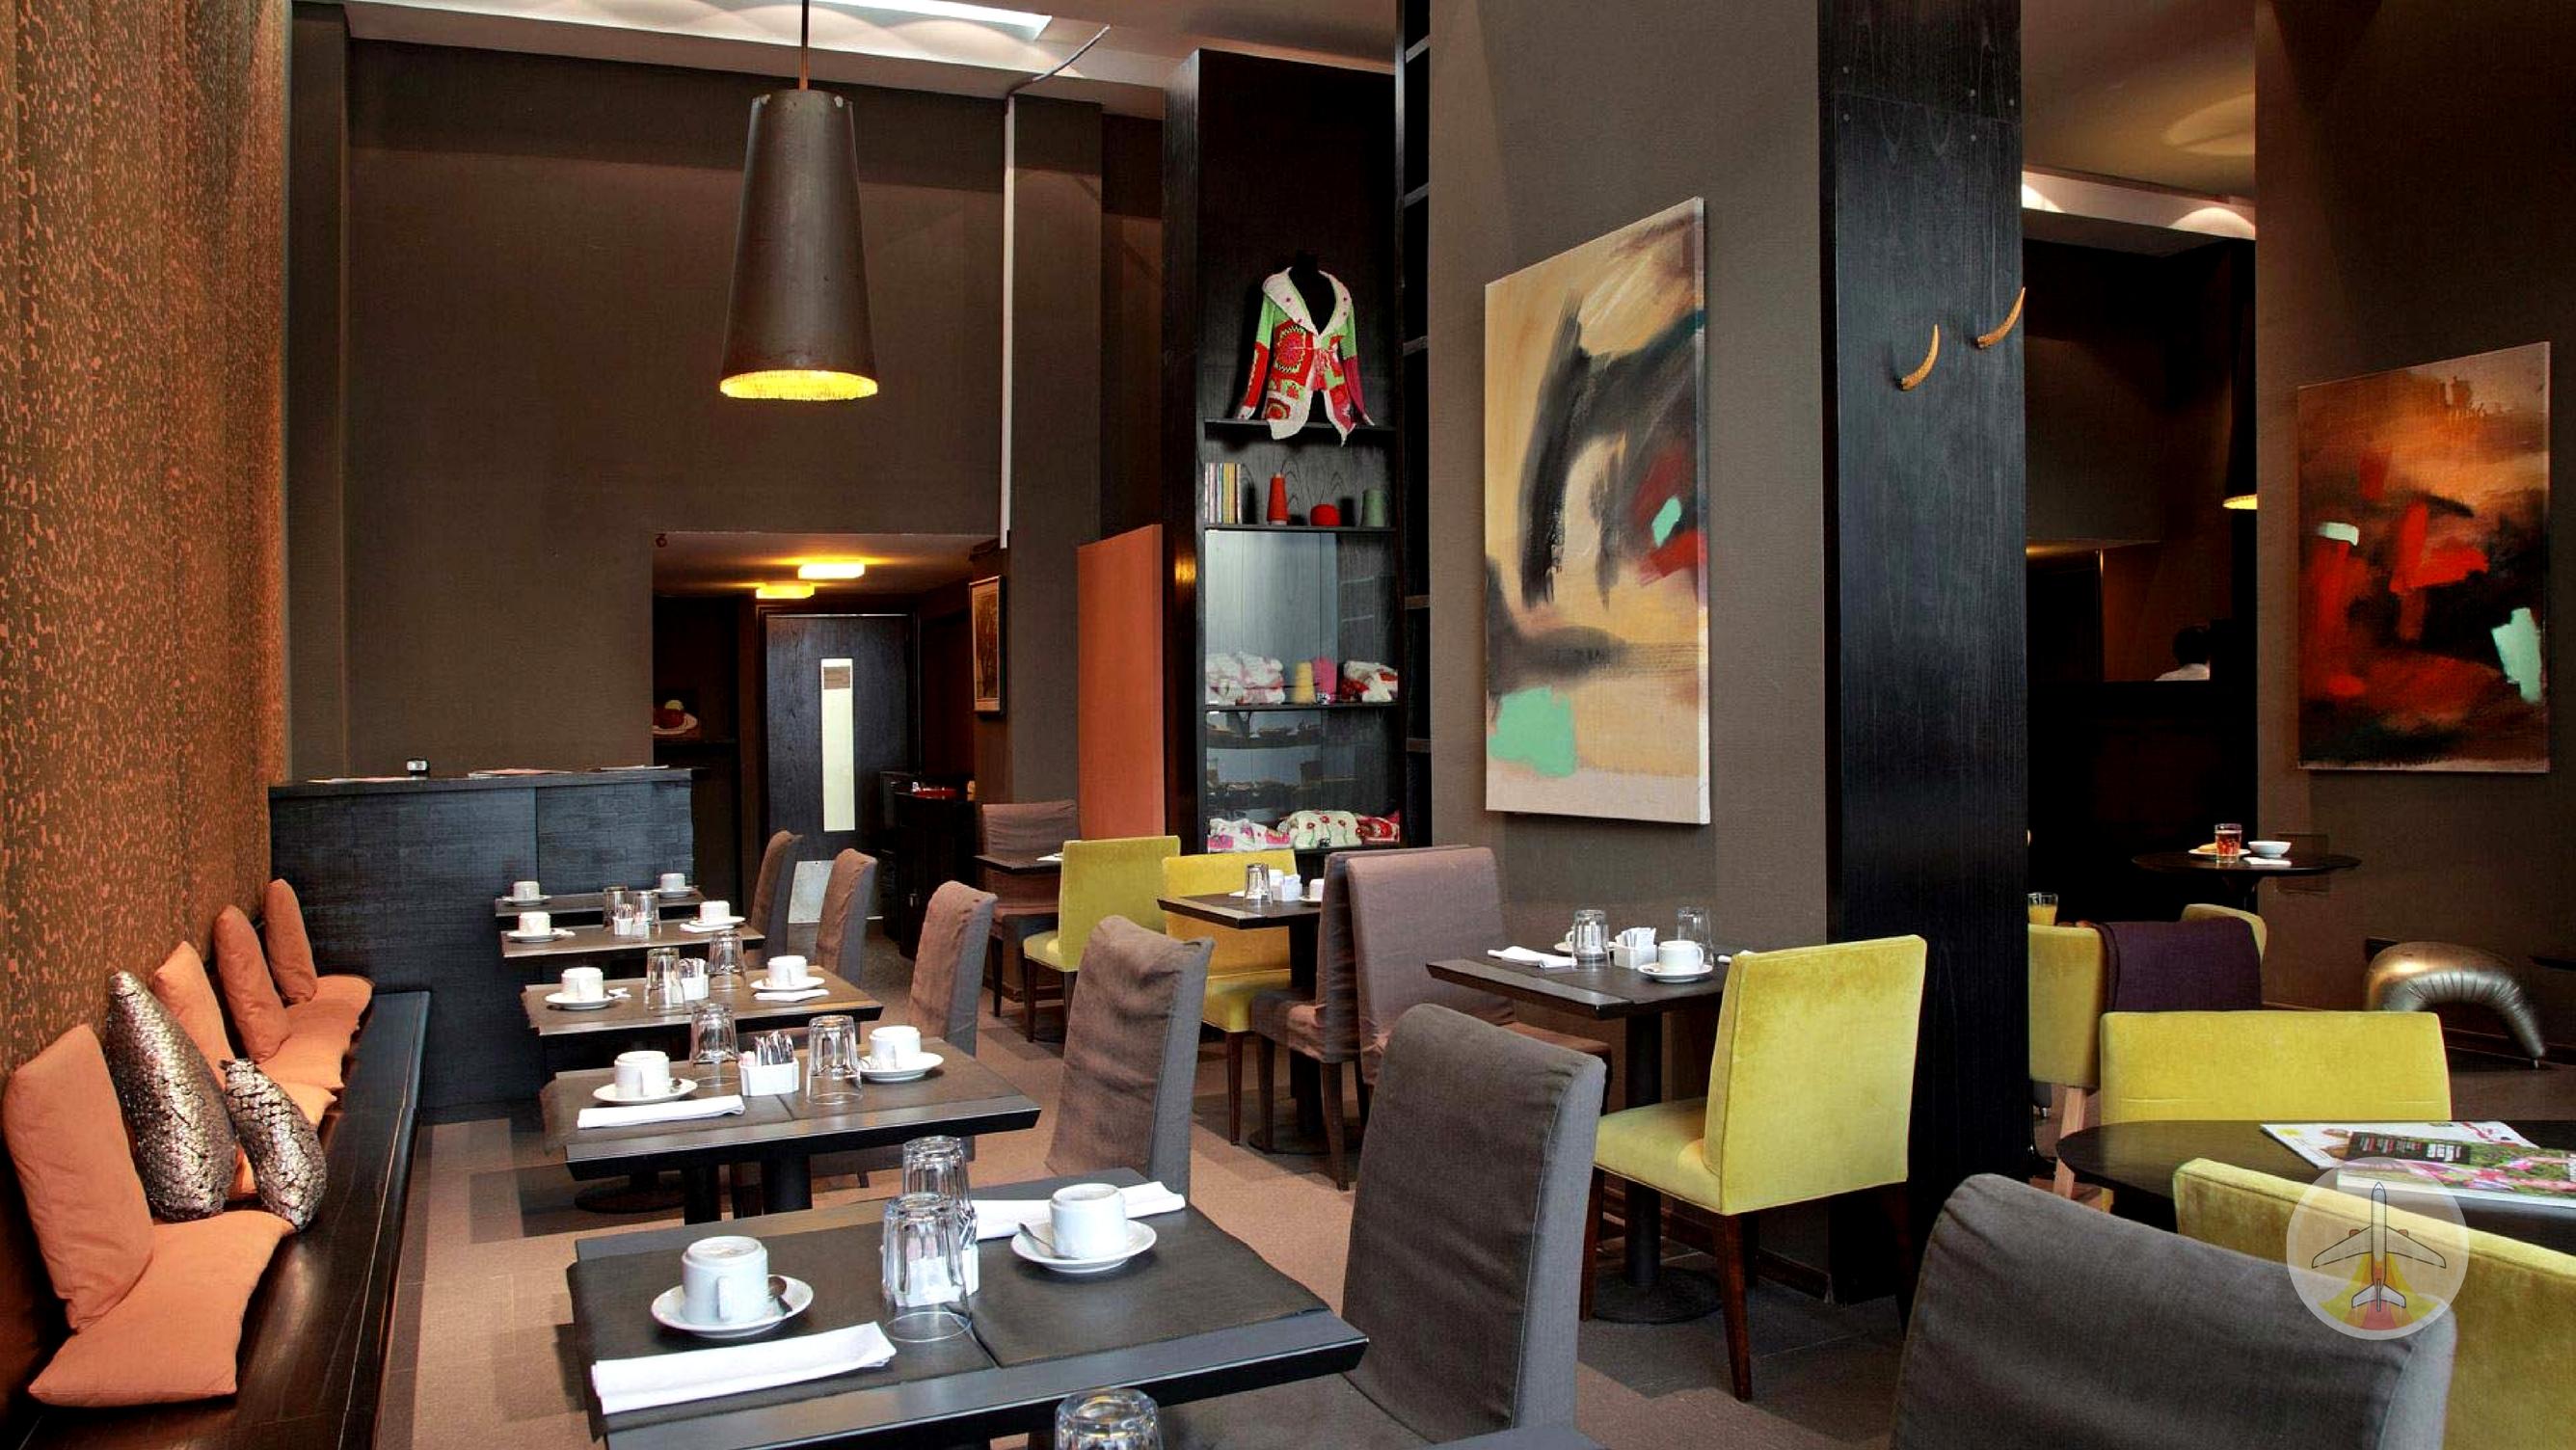 dica-de-hotel-em-buenos-aires-palermo-mesas-café-hotel Dica de hotel em Buenos Aires - Palermo